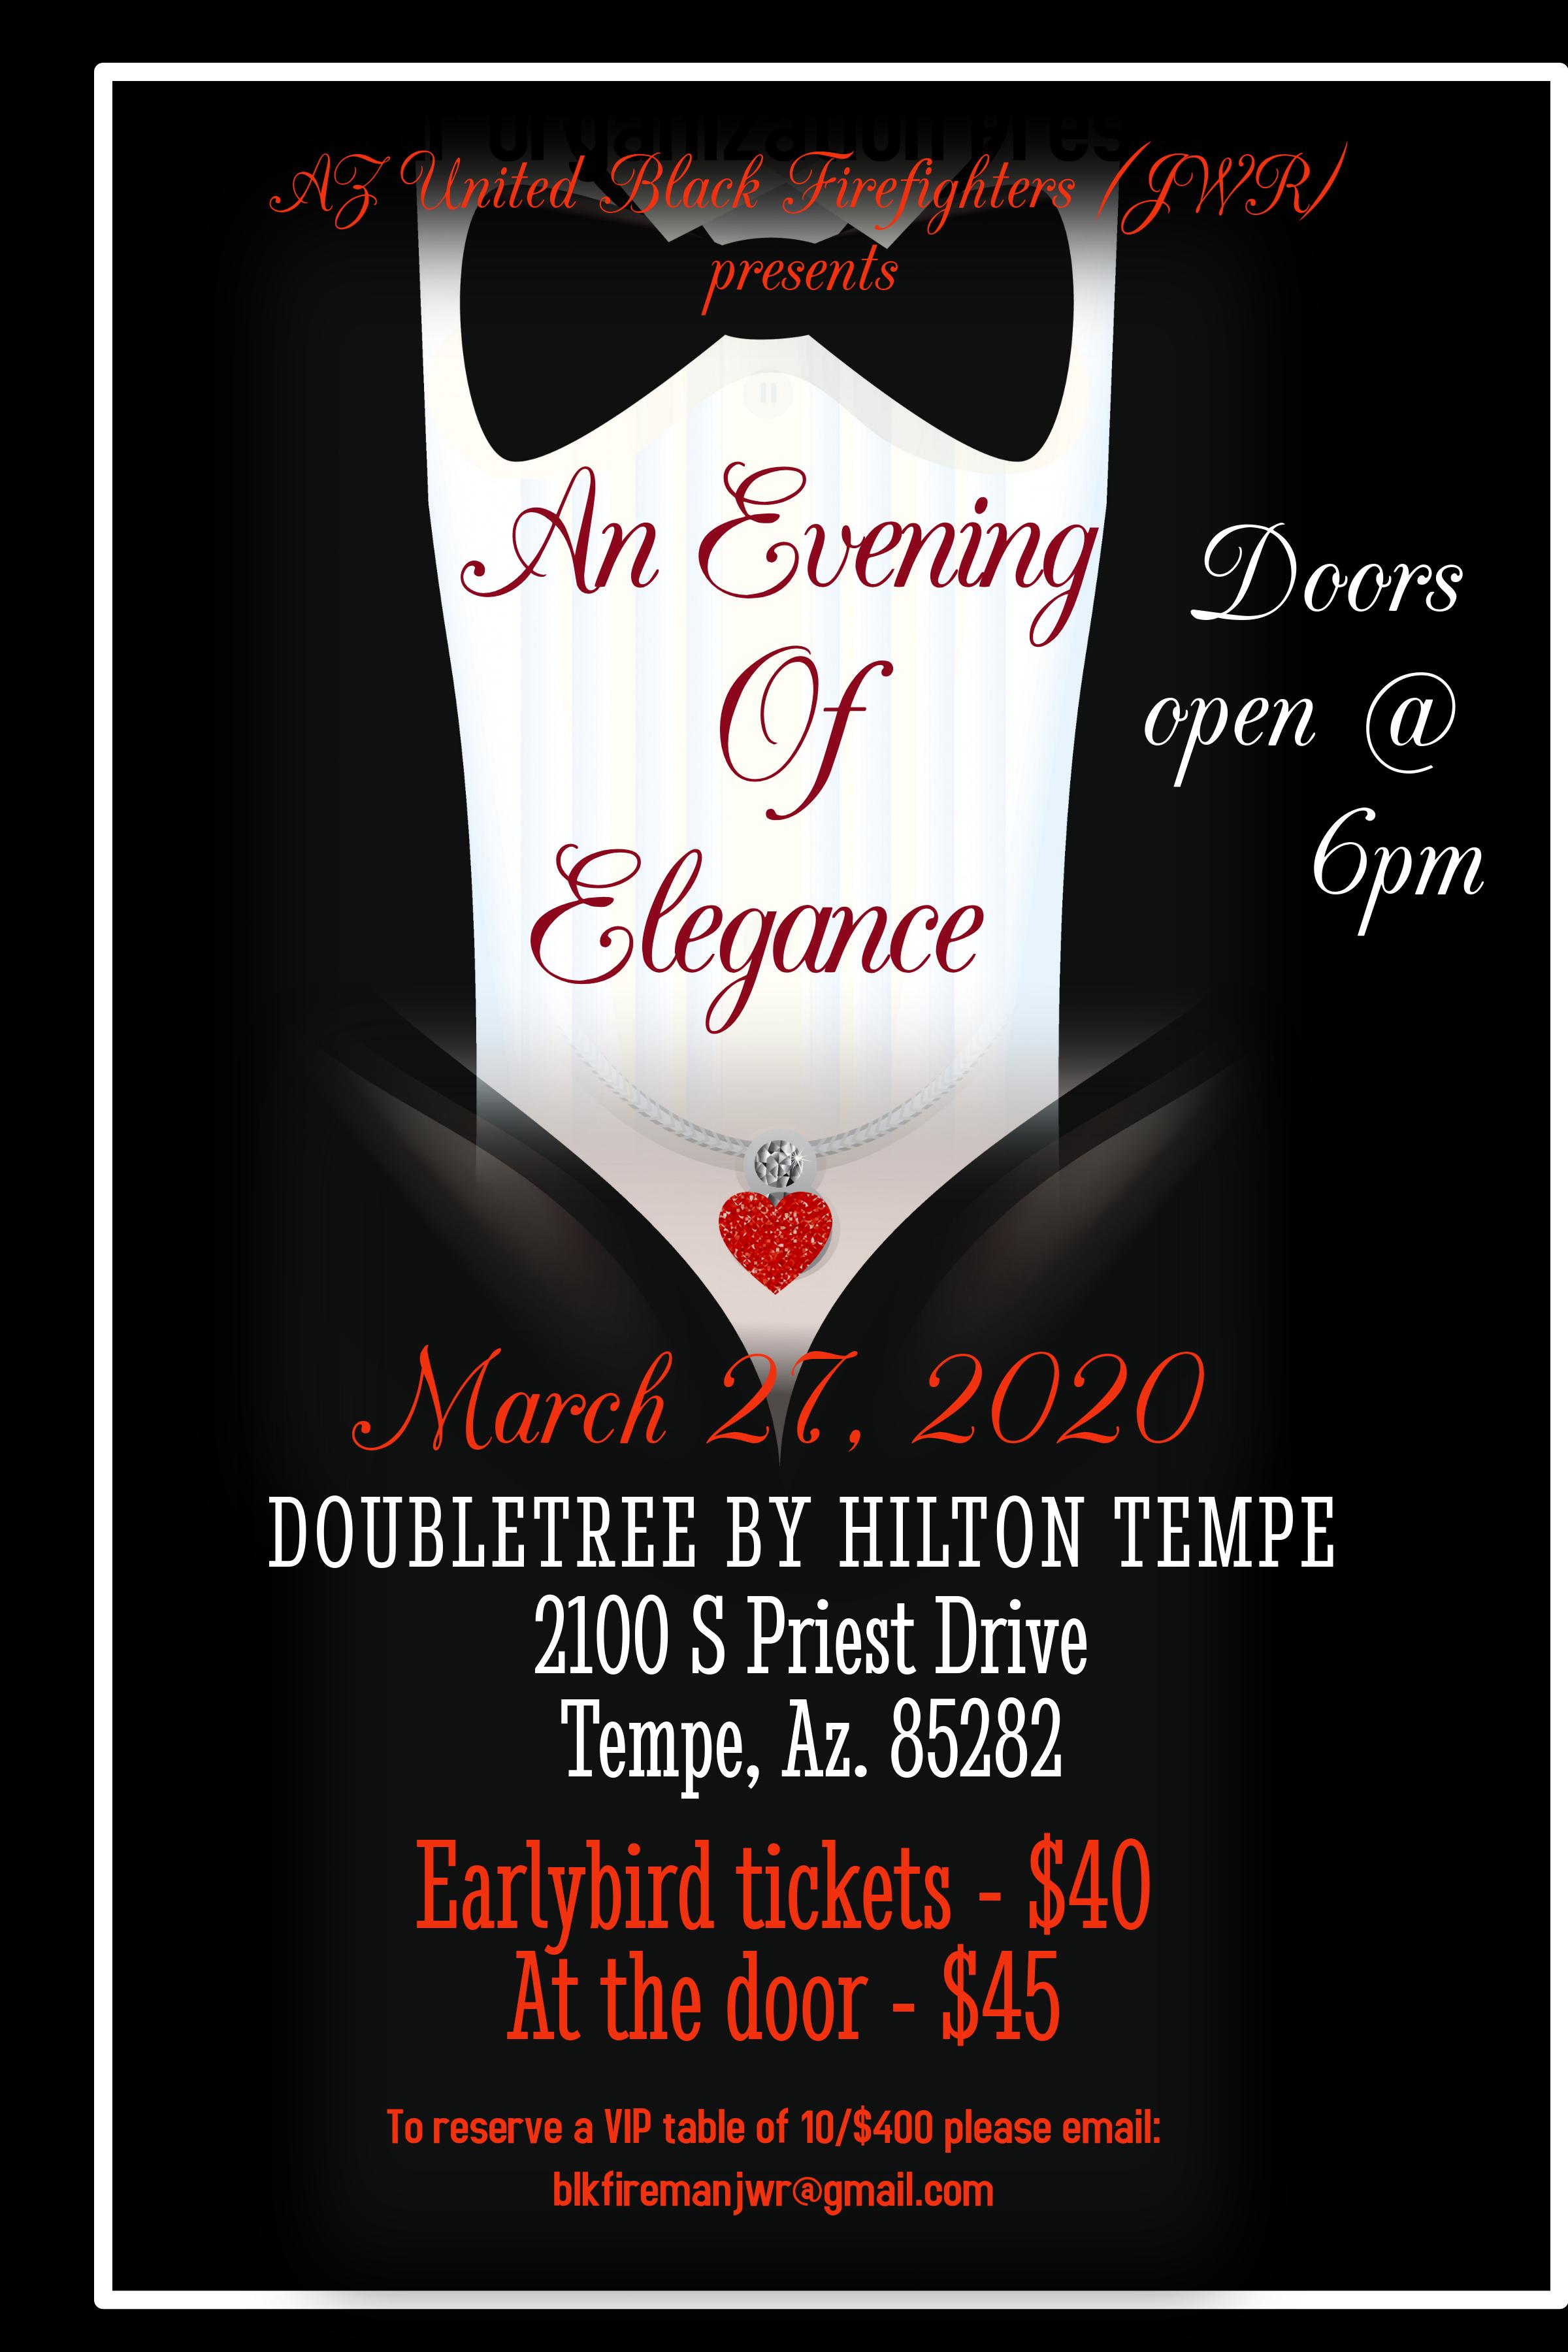 An Evening Of Elegance